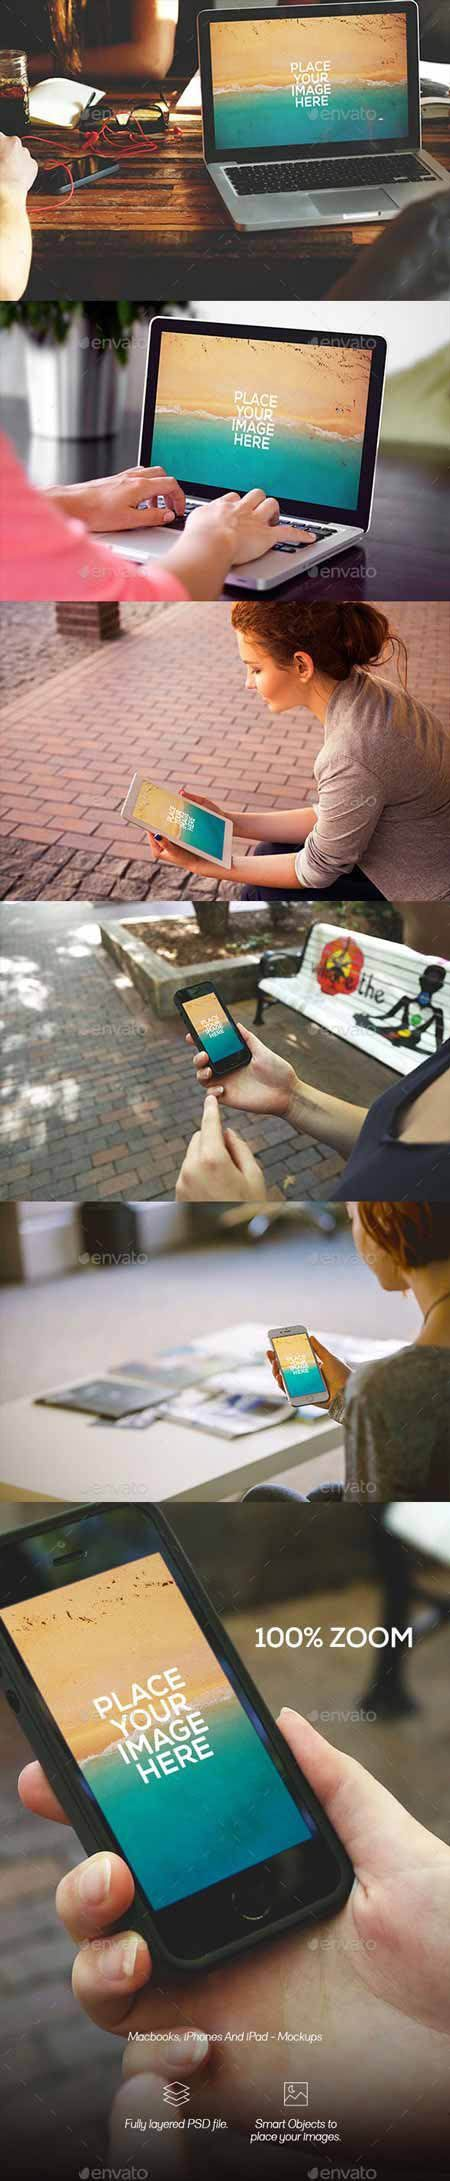 GR - Macbook, iPhones and iPad - Mockups